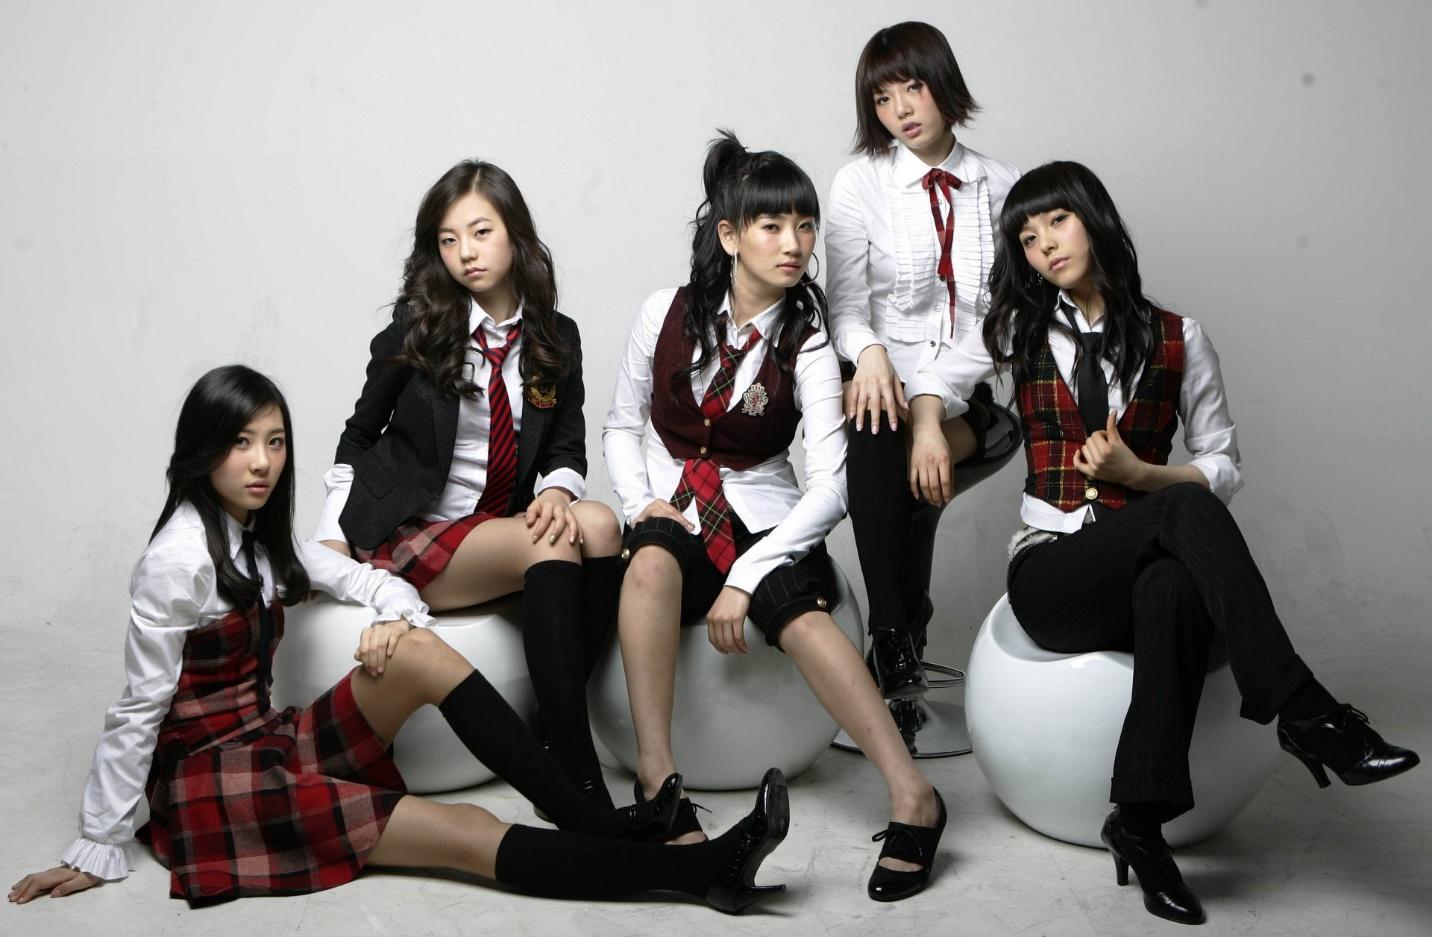 HyunA và Sunmi: Cùng là cựu Wonder Girls nhưng hai số phận solo - Ảnh 1.